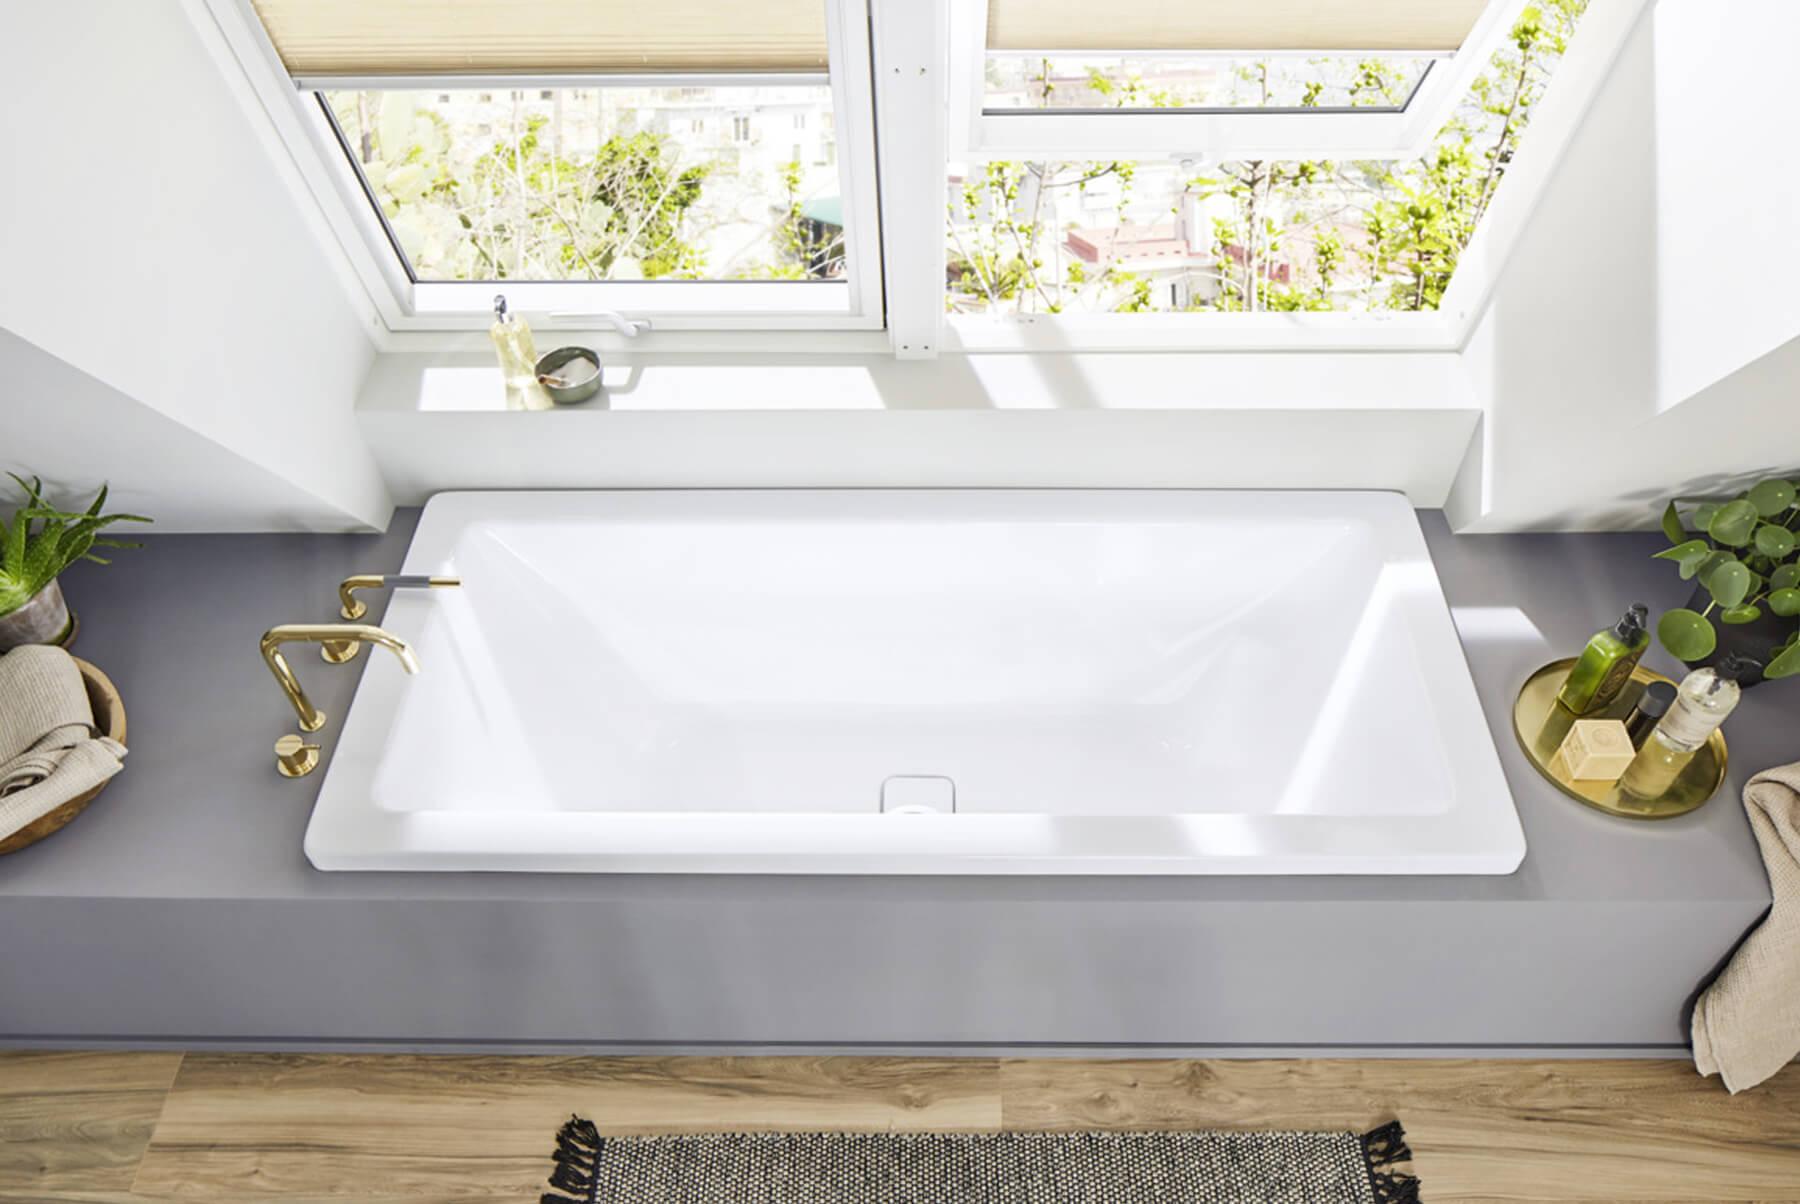 Bath-Tubs-KALDEWEI-CONODUO-2-1800x1204